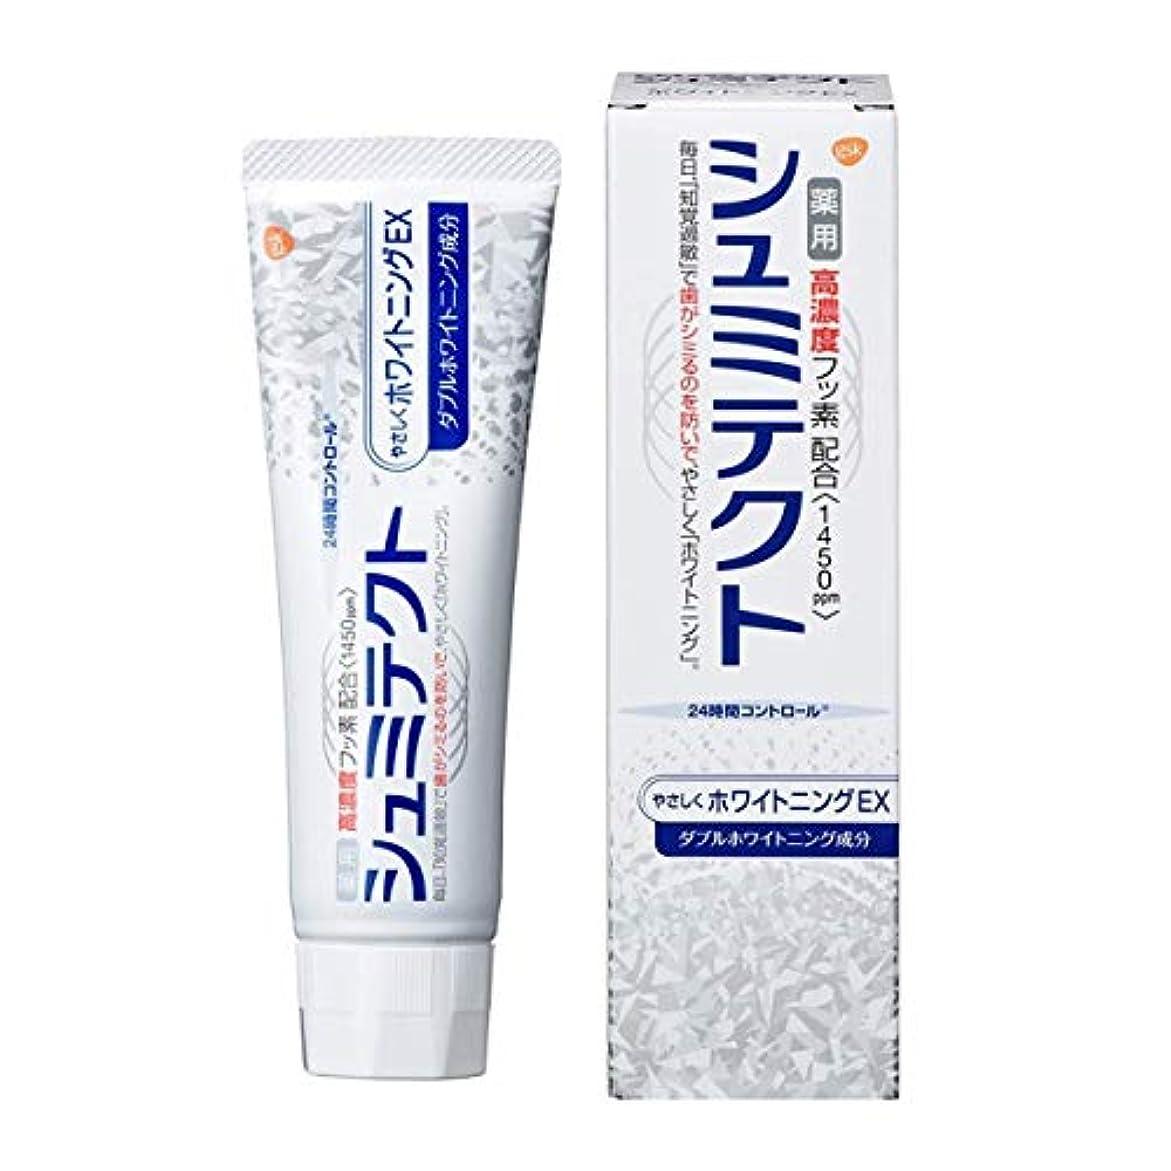 日焼けフェローシップブルーベル薬用シュミテクトやさしくホワイトニングEX増量 99g